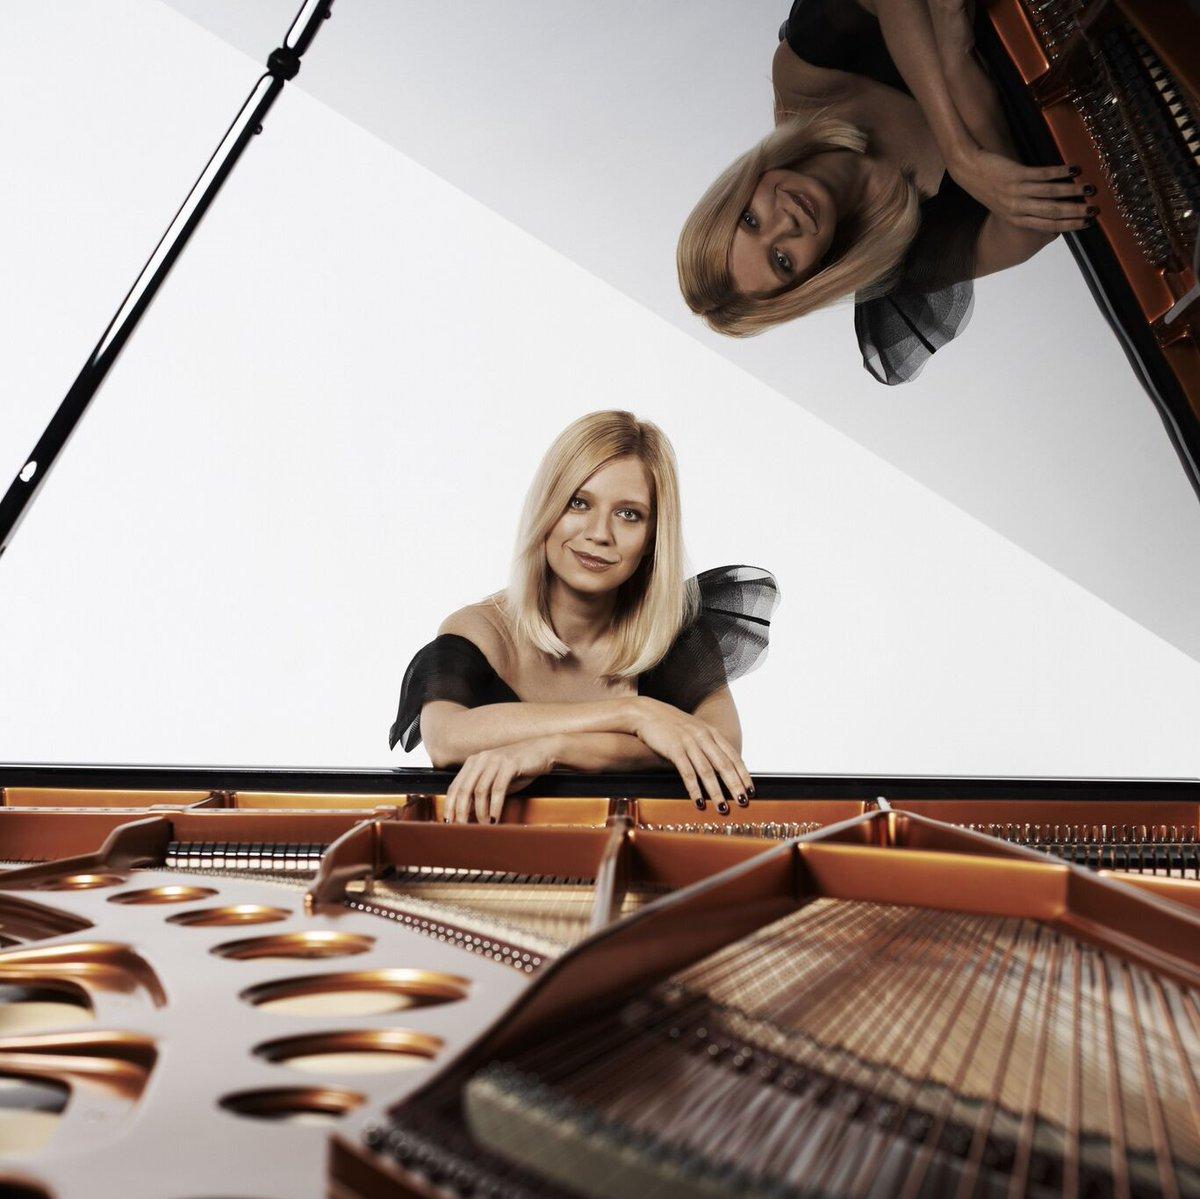 """Gürer Aykal yönetimindeki @BIFO'nun; piyanist Valentina Lisitsa ve keman sanatçısı Naz İrem Türkmen'e eşlik ettiği """"Dâhinin Gücü"""" başlıklı konser 'de yayında!  #borusansanatTV #borusanistanbulfilarmoniorkestrası #beethoven250"""